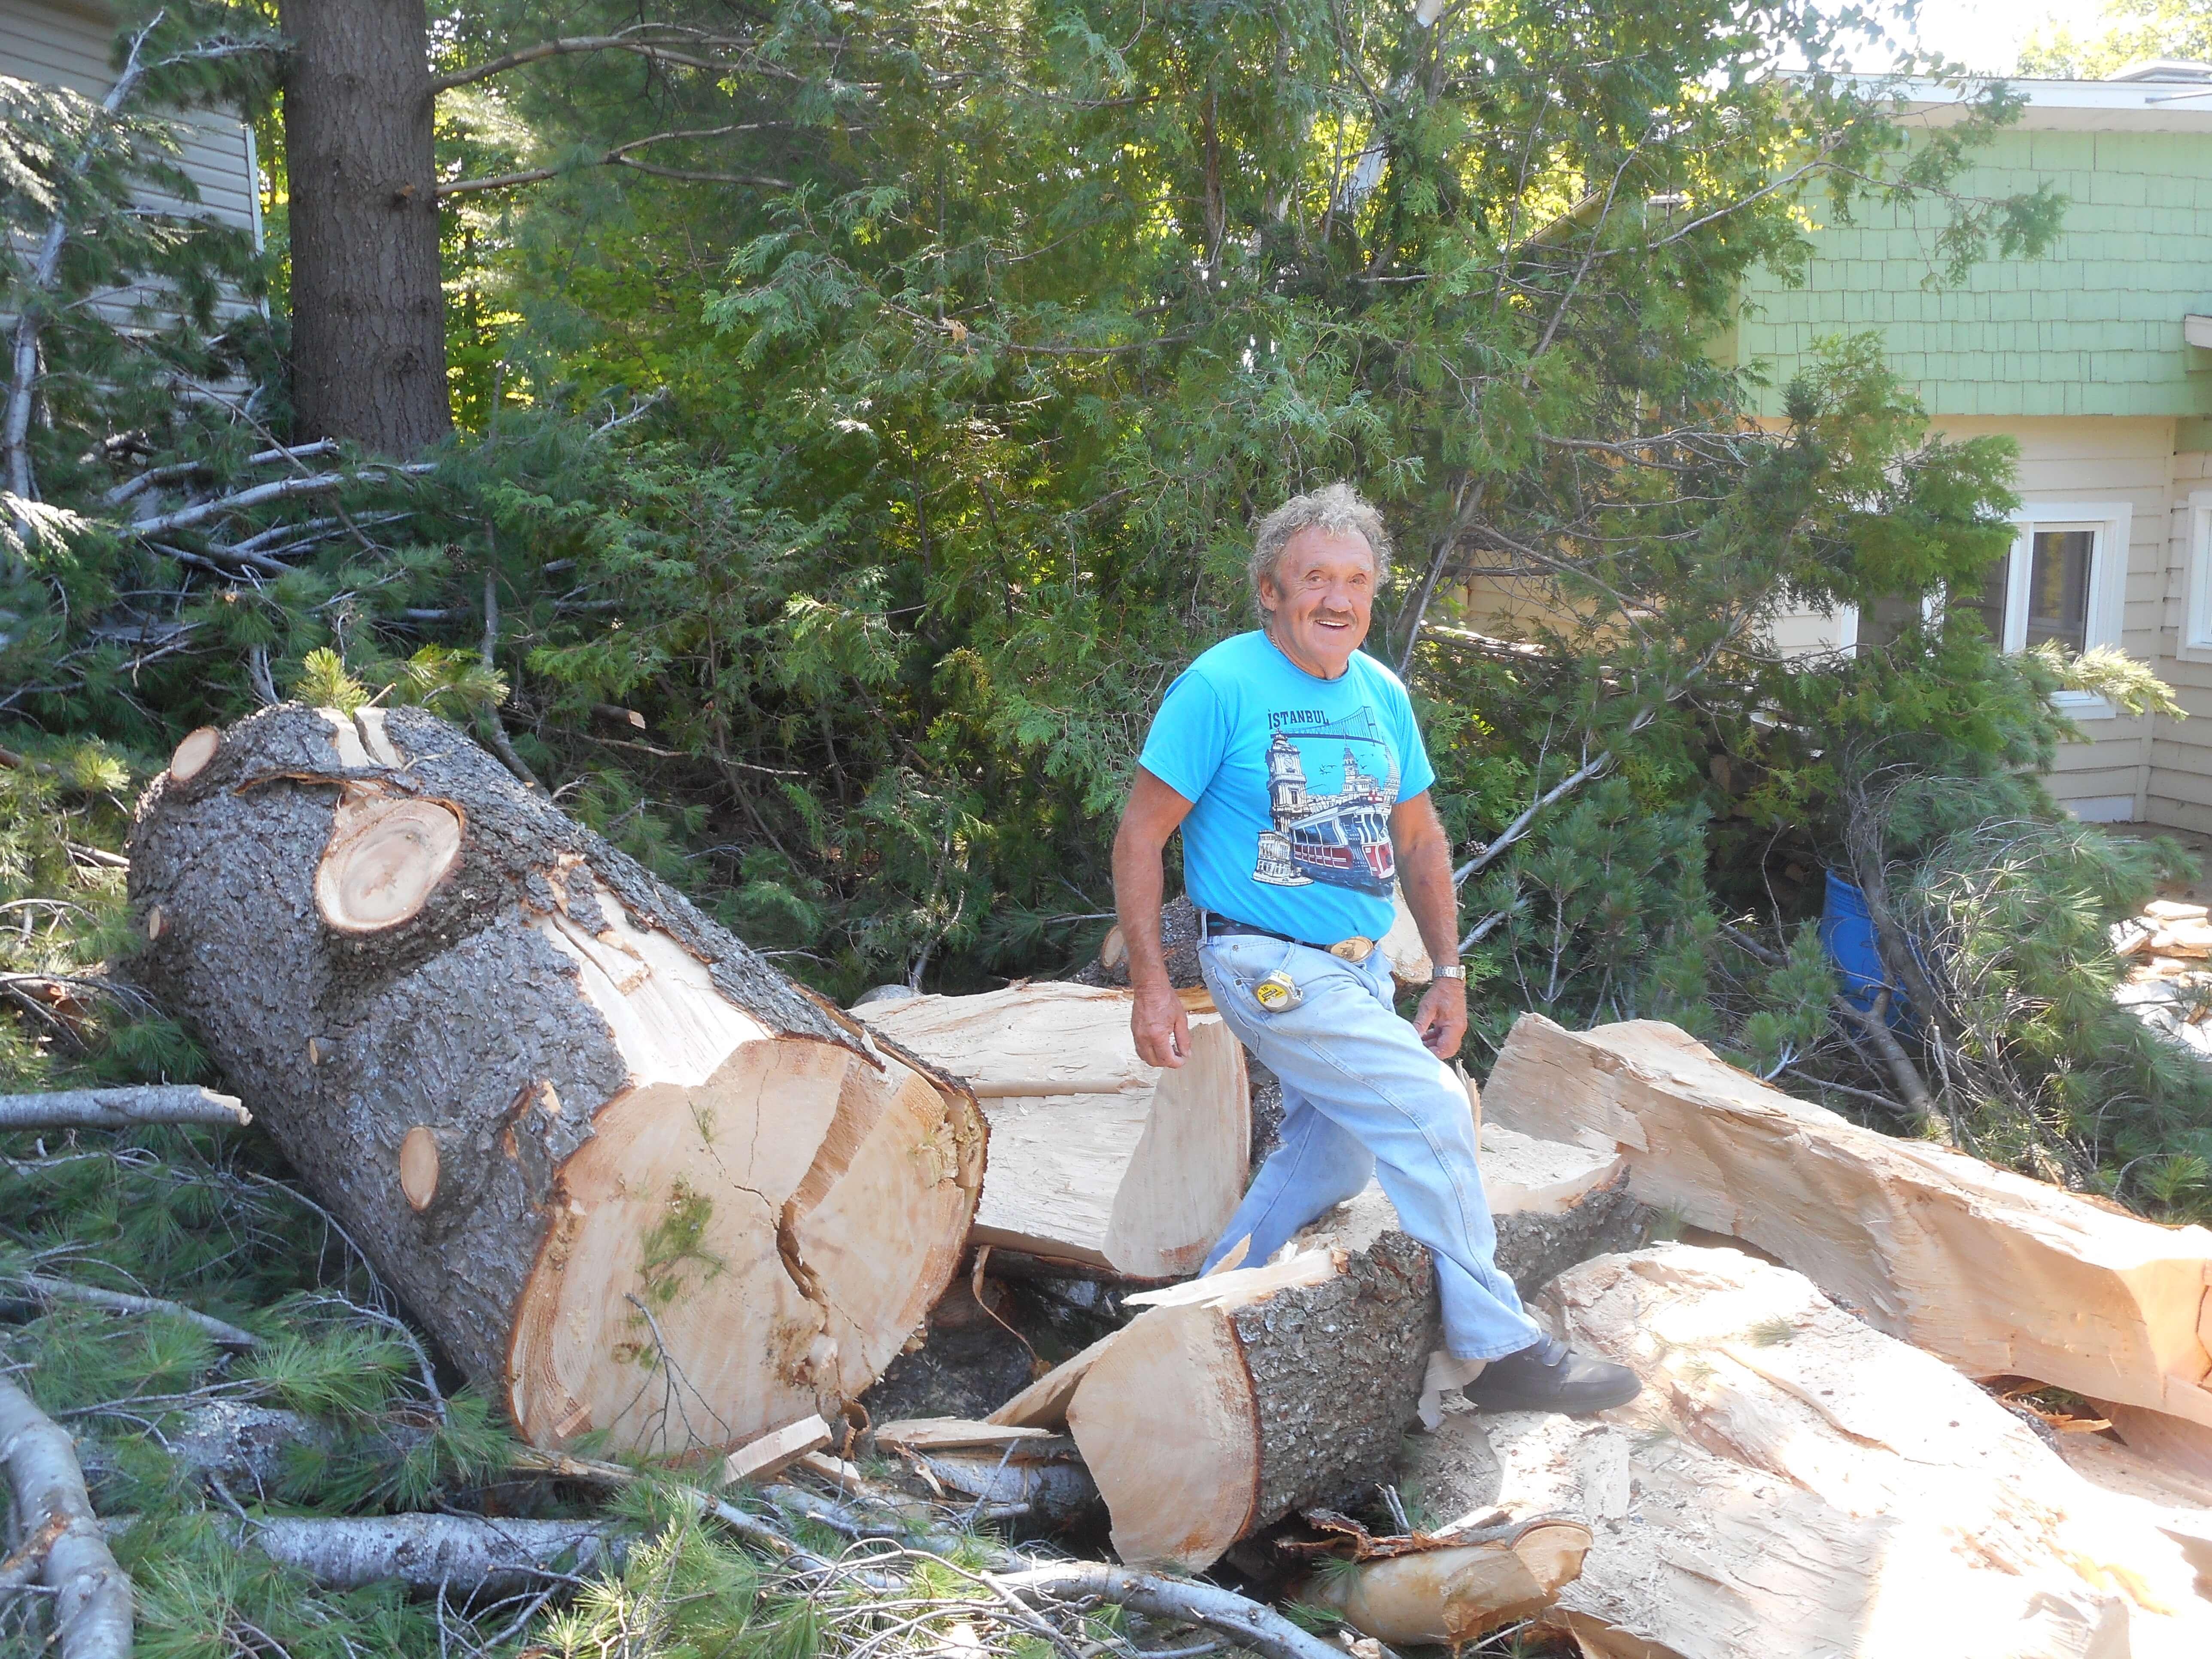 Gilles Deslauriers au milieu des rondins du pin blanc centenaire ayant été frappé par la foudre dans la nuit du 7 juillet 2018. L'arbre était situé tout près de sa résidence et a été débité rapidement par des travailleurs d'Hydro-Québec.